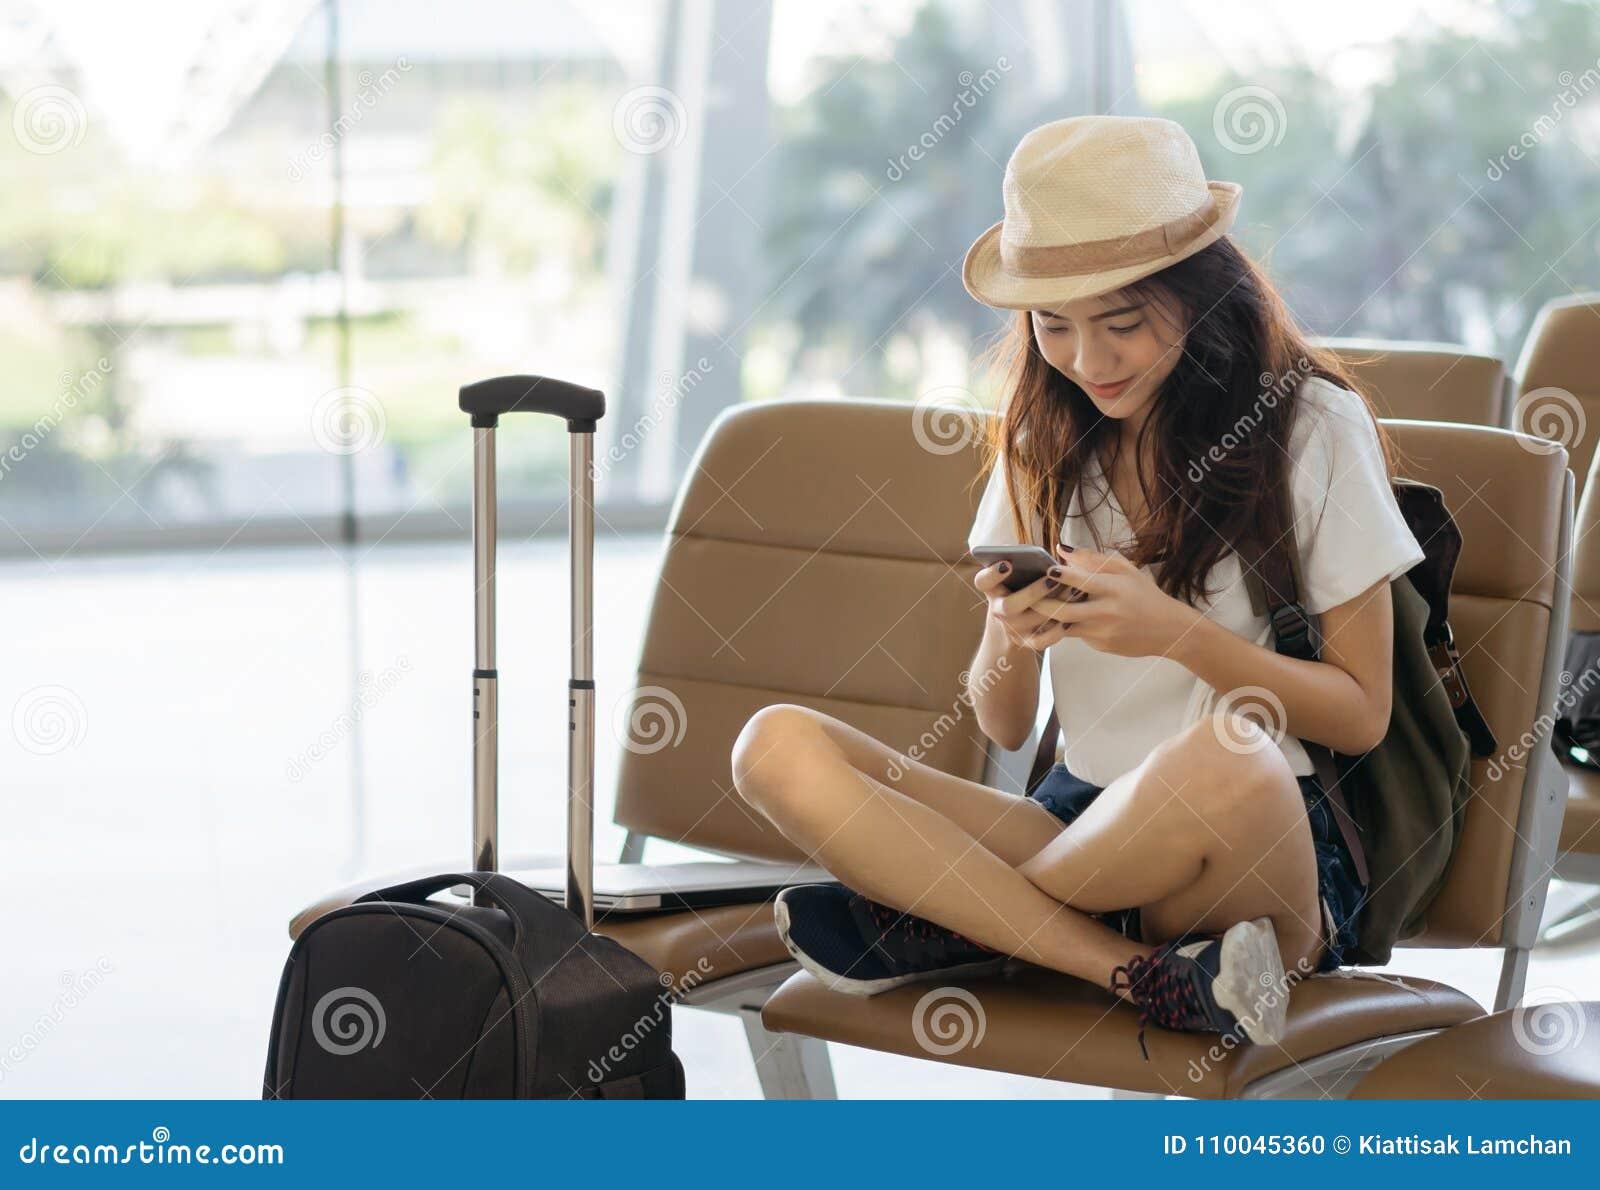 使用智能手机的亚裔妇女少年在坐与行李手提箱和背包的机场终端为旅行在假期夏天